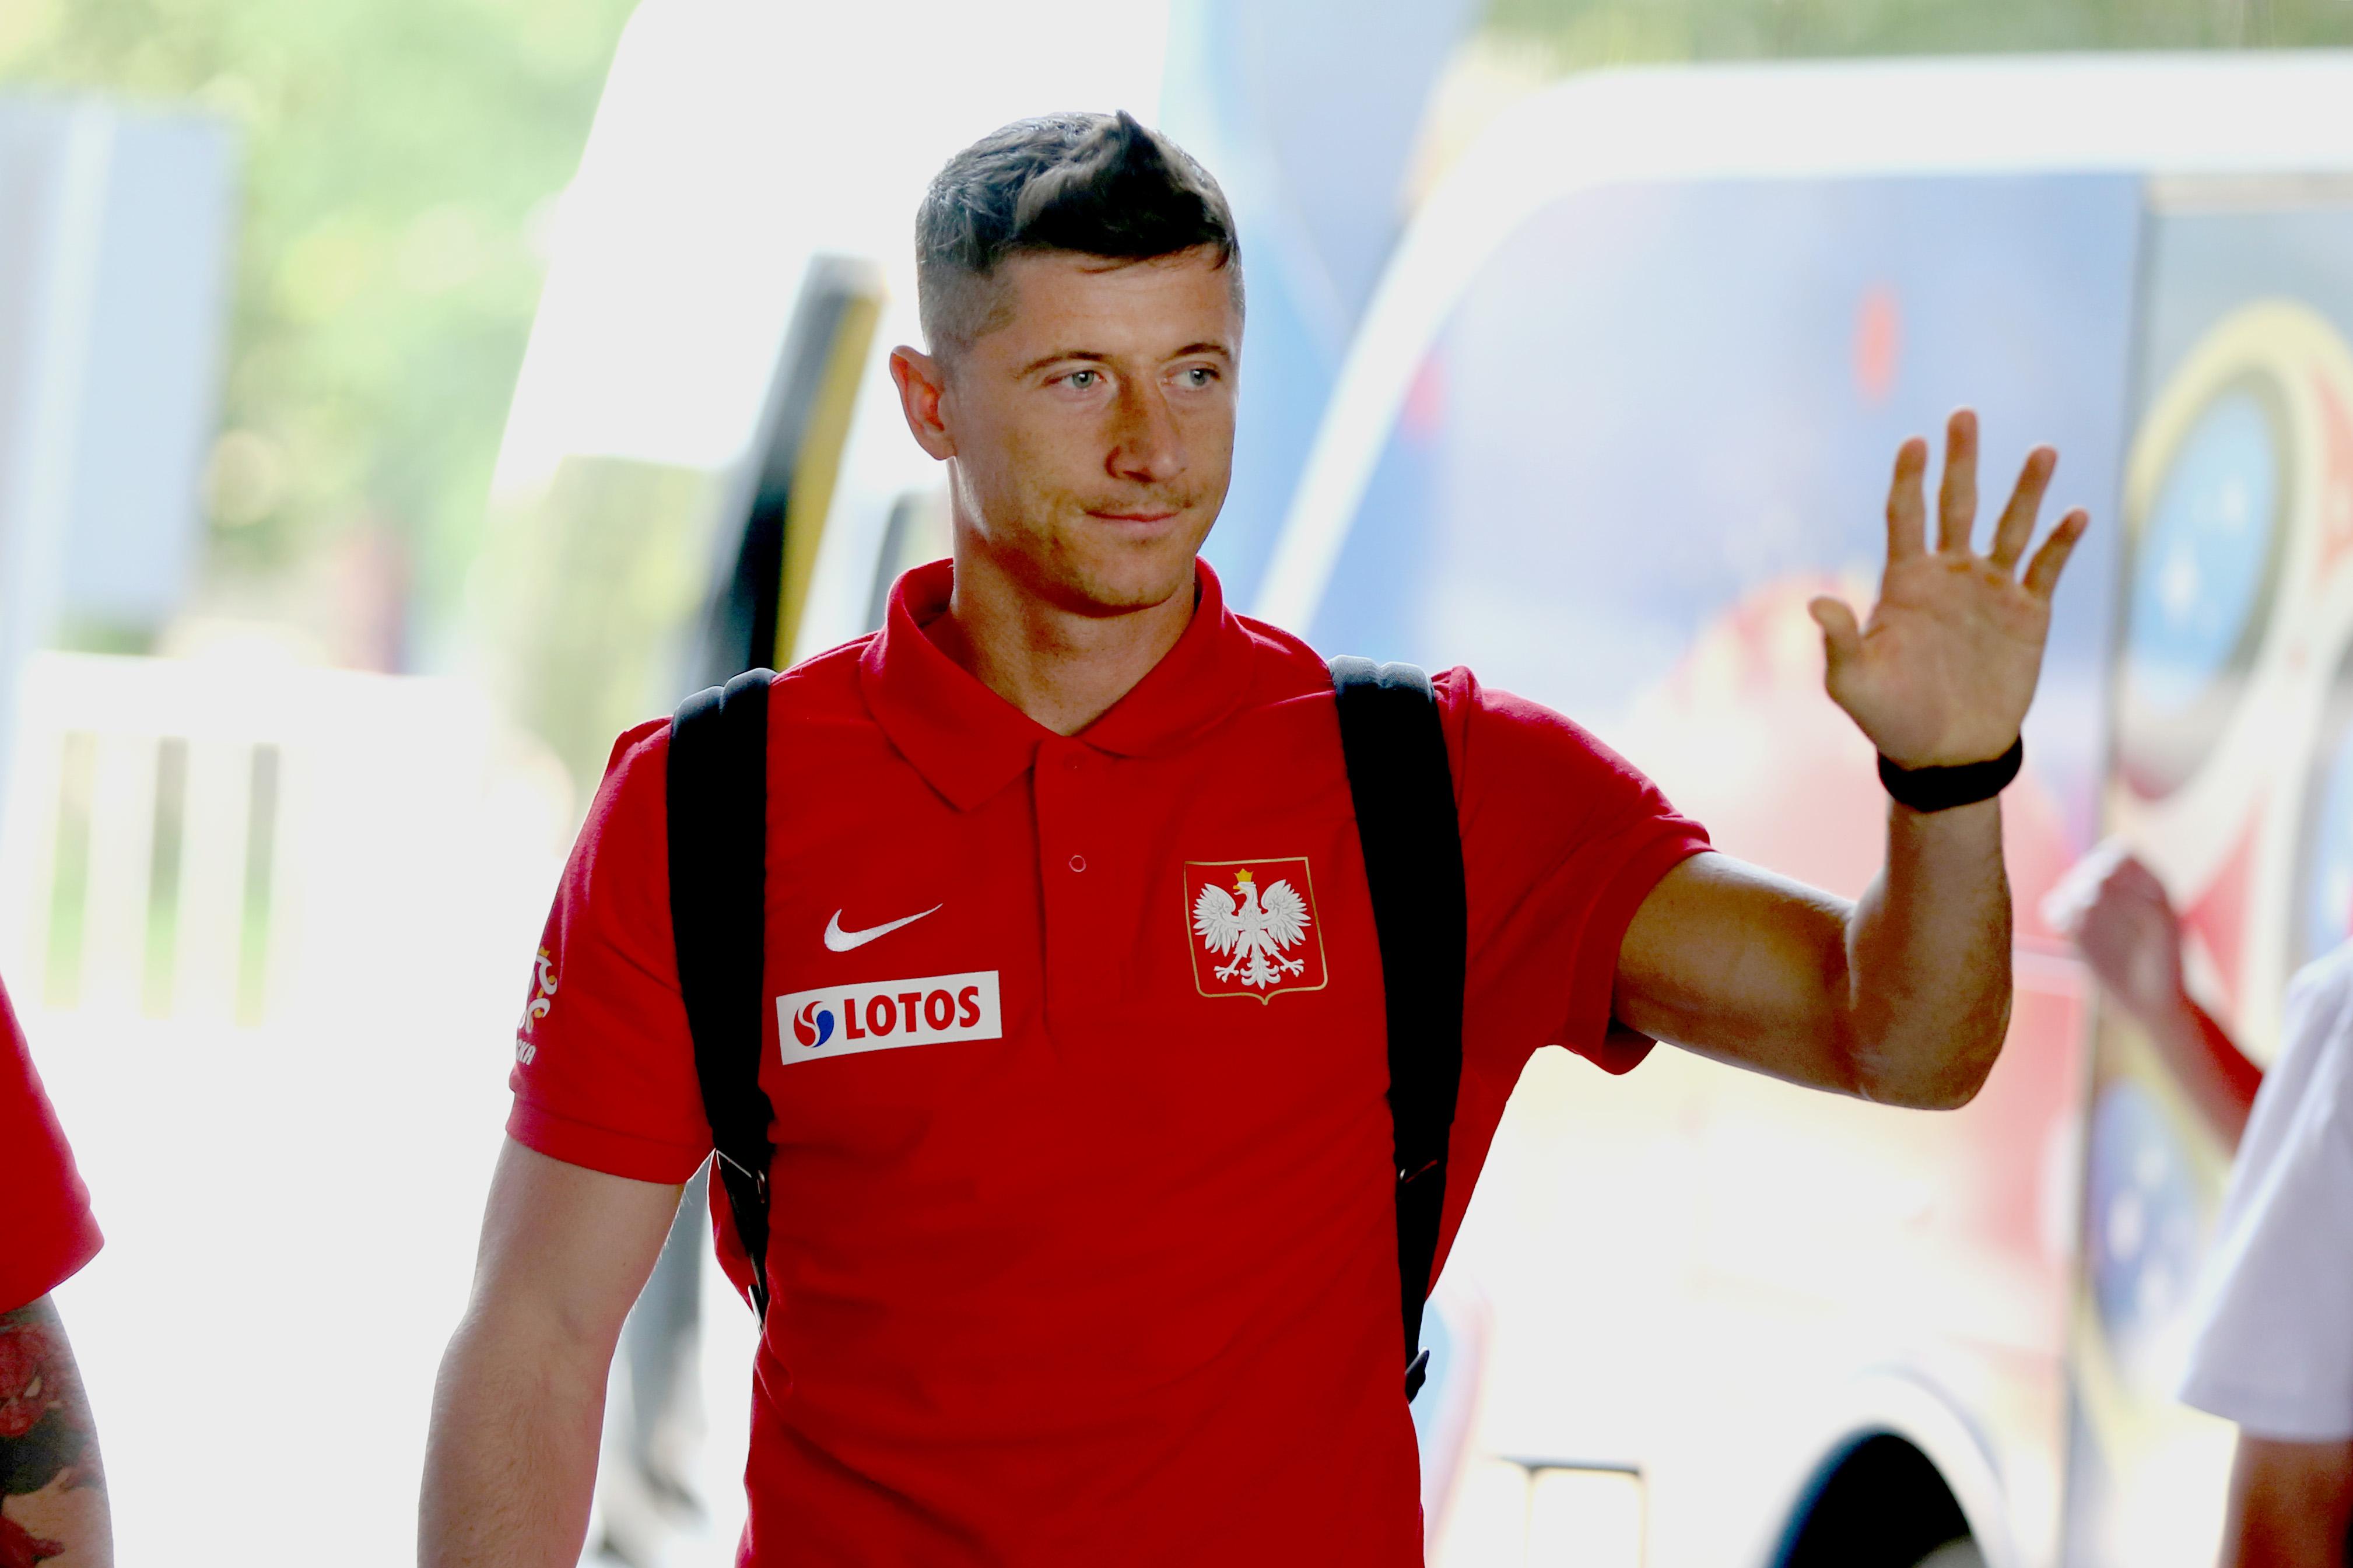 Wiemy Co Polscy Piłkarze Robili Przed Sobotnim Treningiem